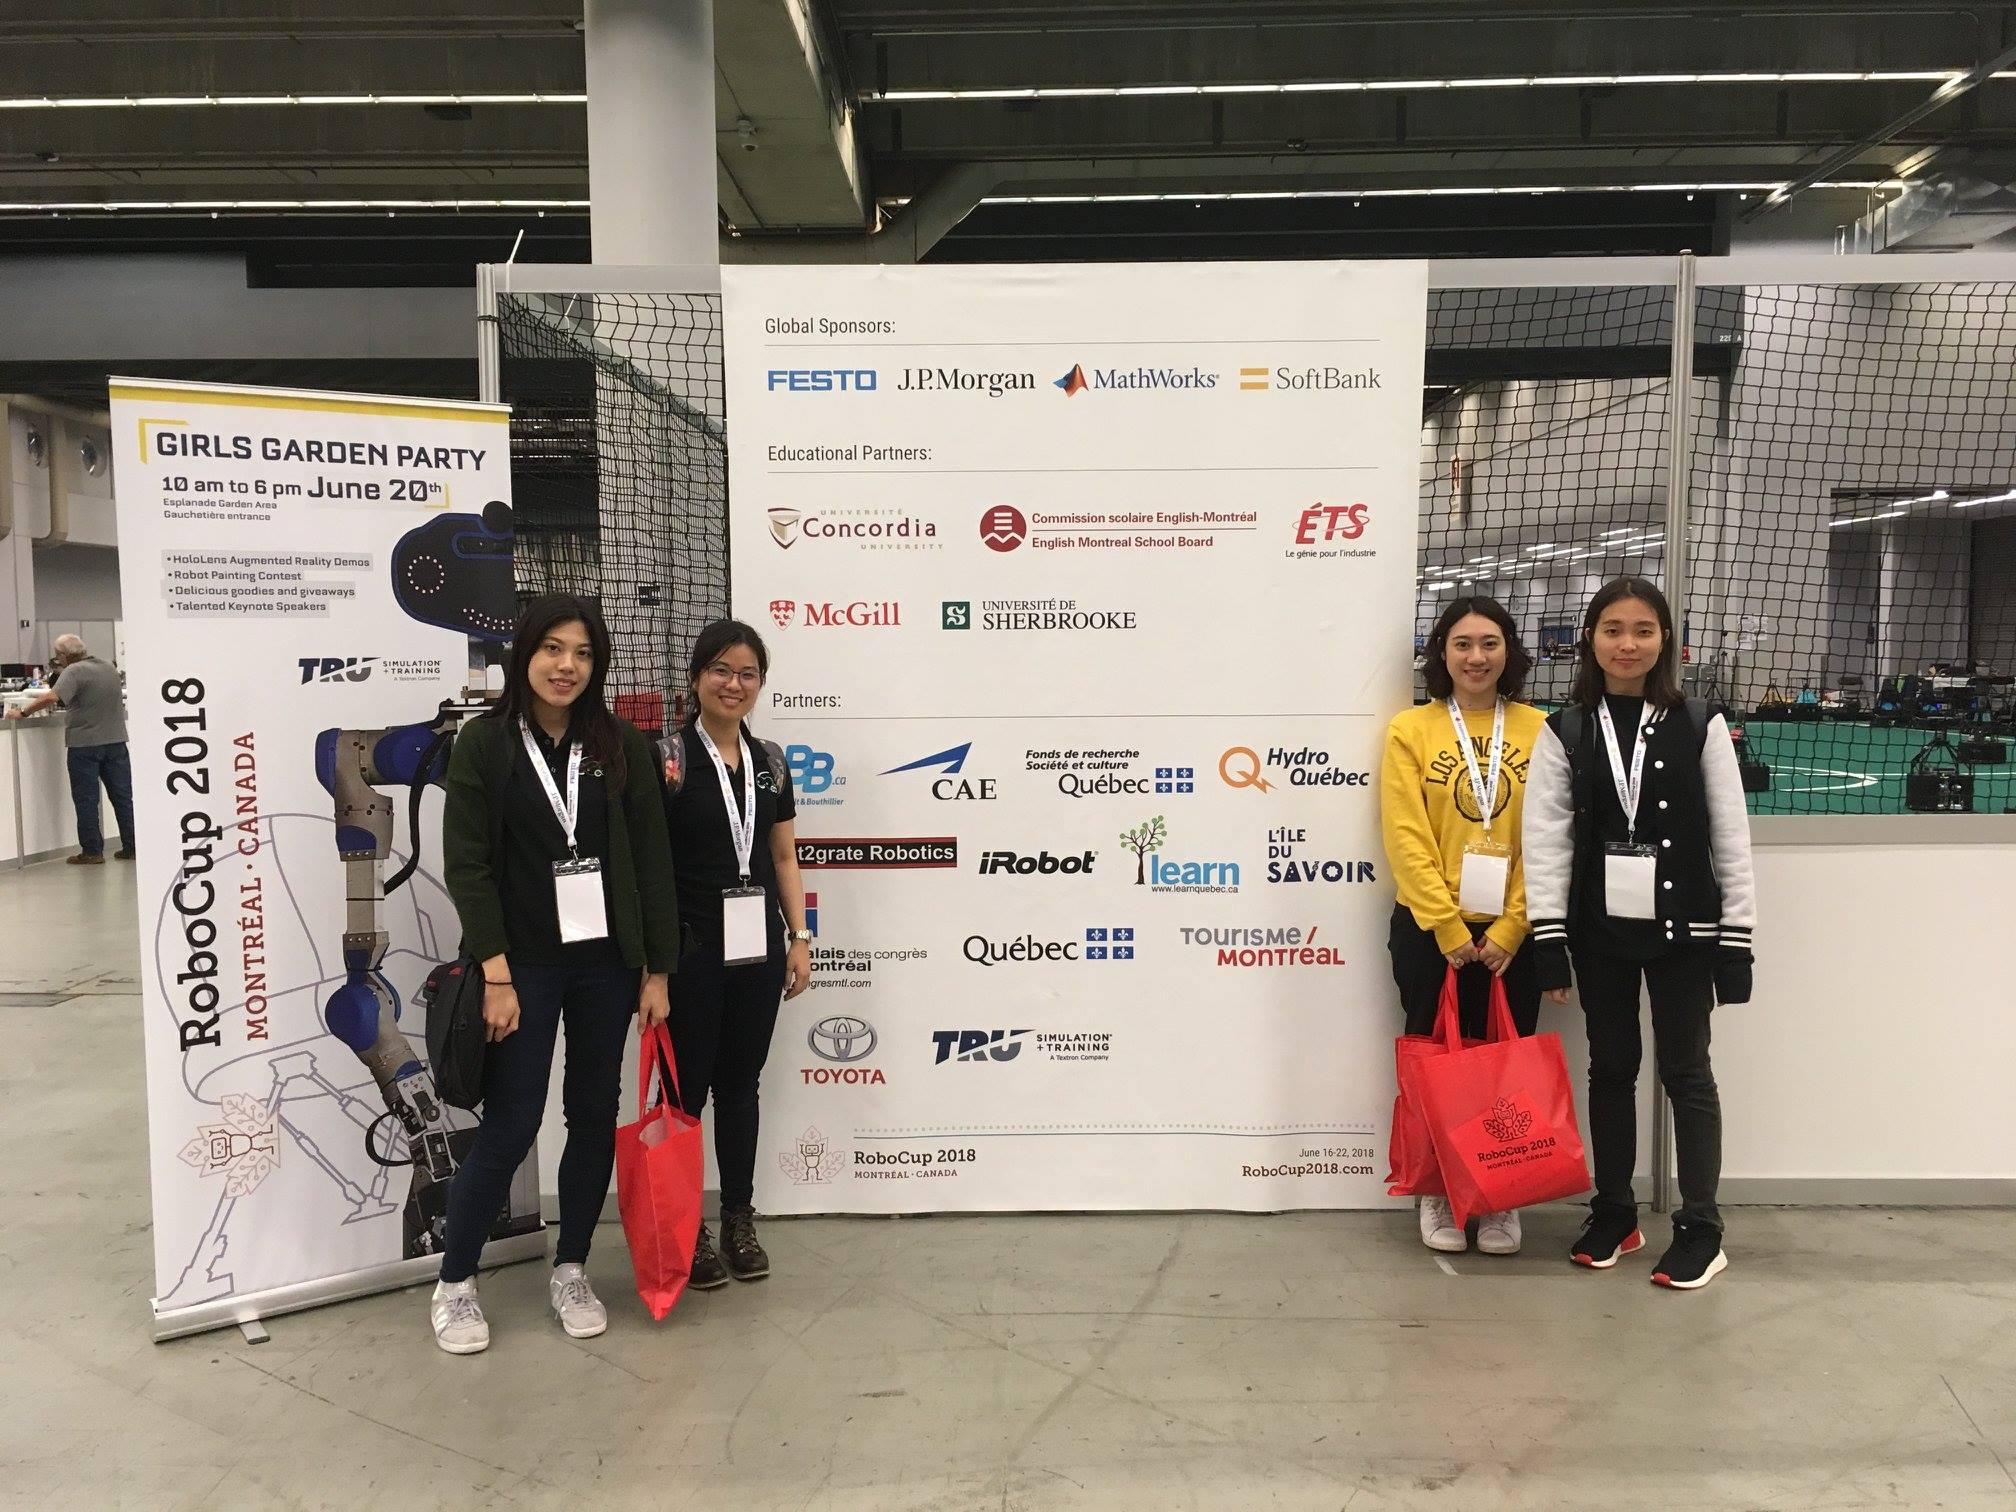 ทีม SKUBA Jr ที่สามารถคว้ารางวัลรองแชมป์โลกมาครอง จากการแข่งขัน RoboCup@Home ในงาน World RoboCup 2018